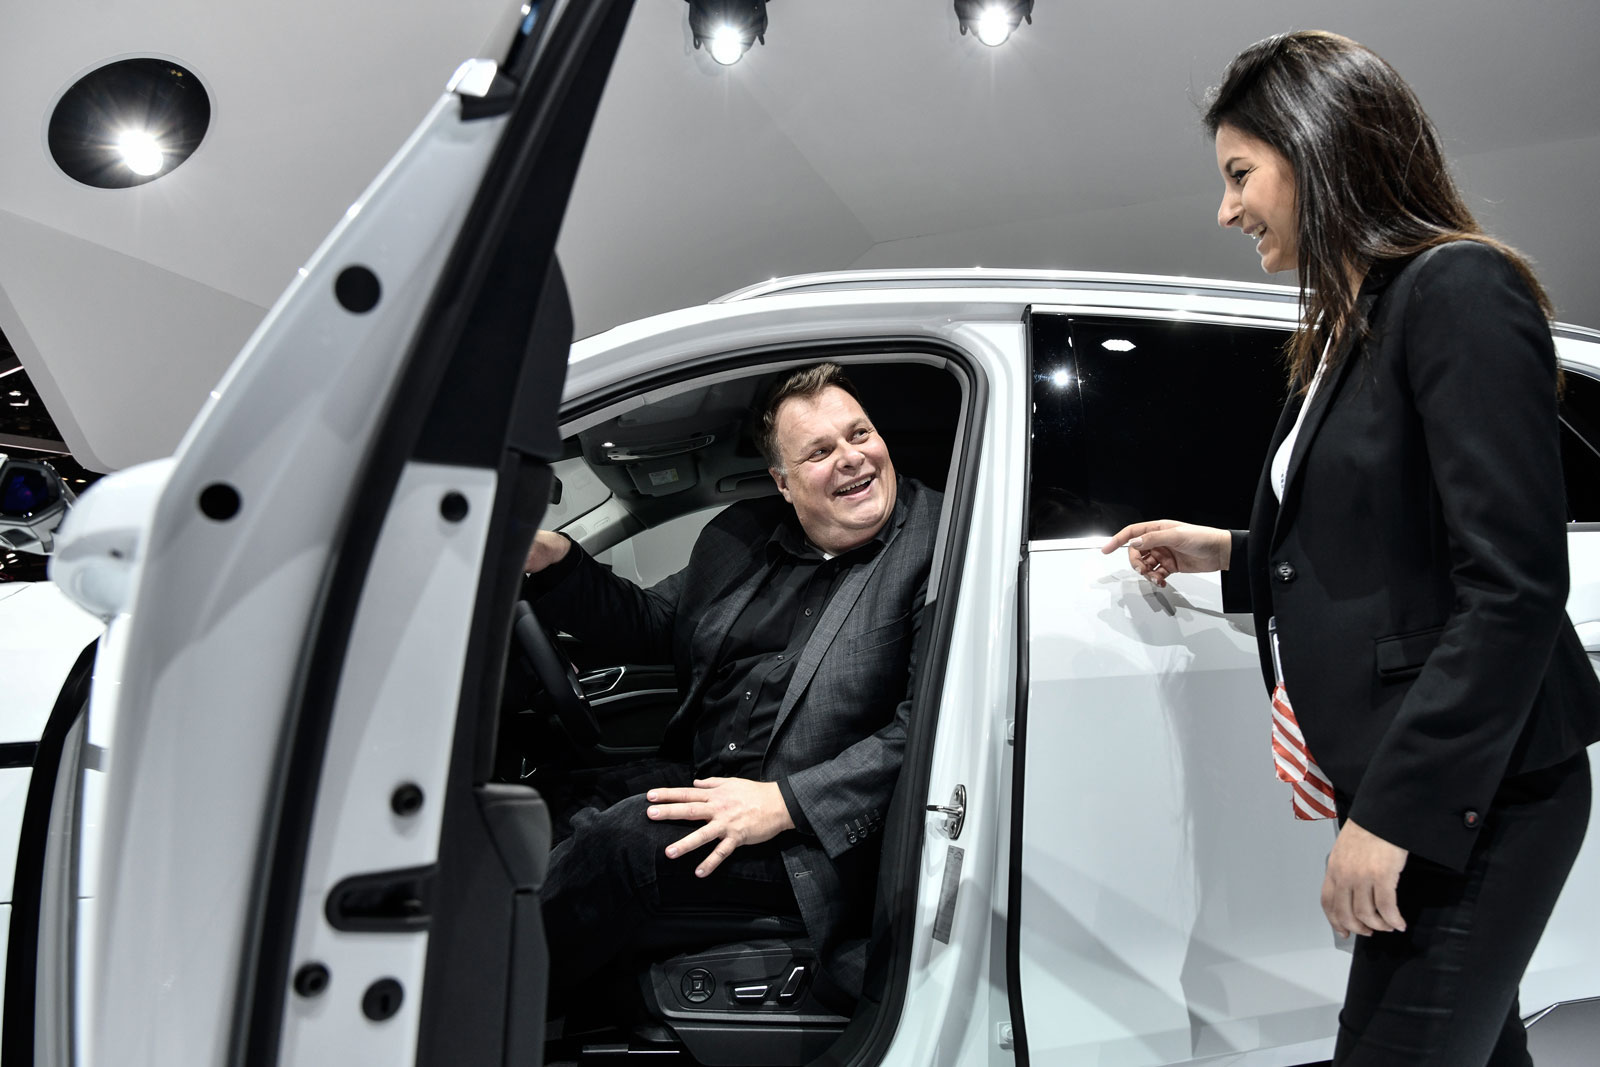 Lars Thomsen stellt sich die Zukunft des Verkehrs «günstig, sicher und entspannt» vor.